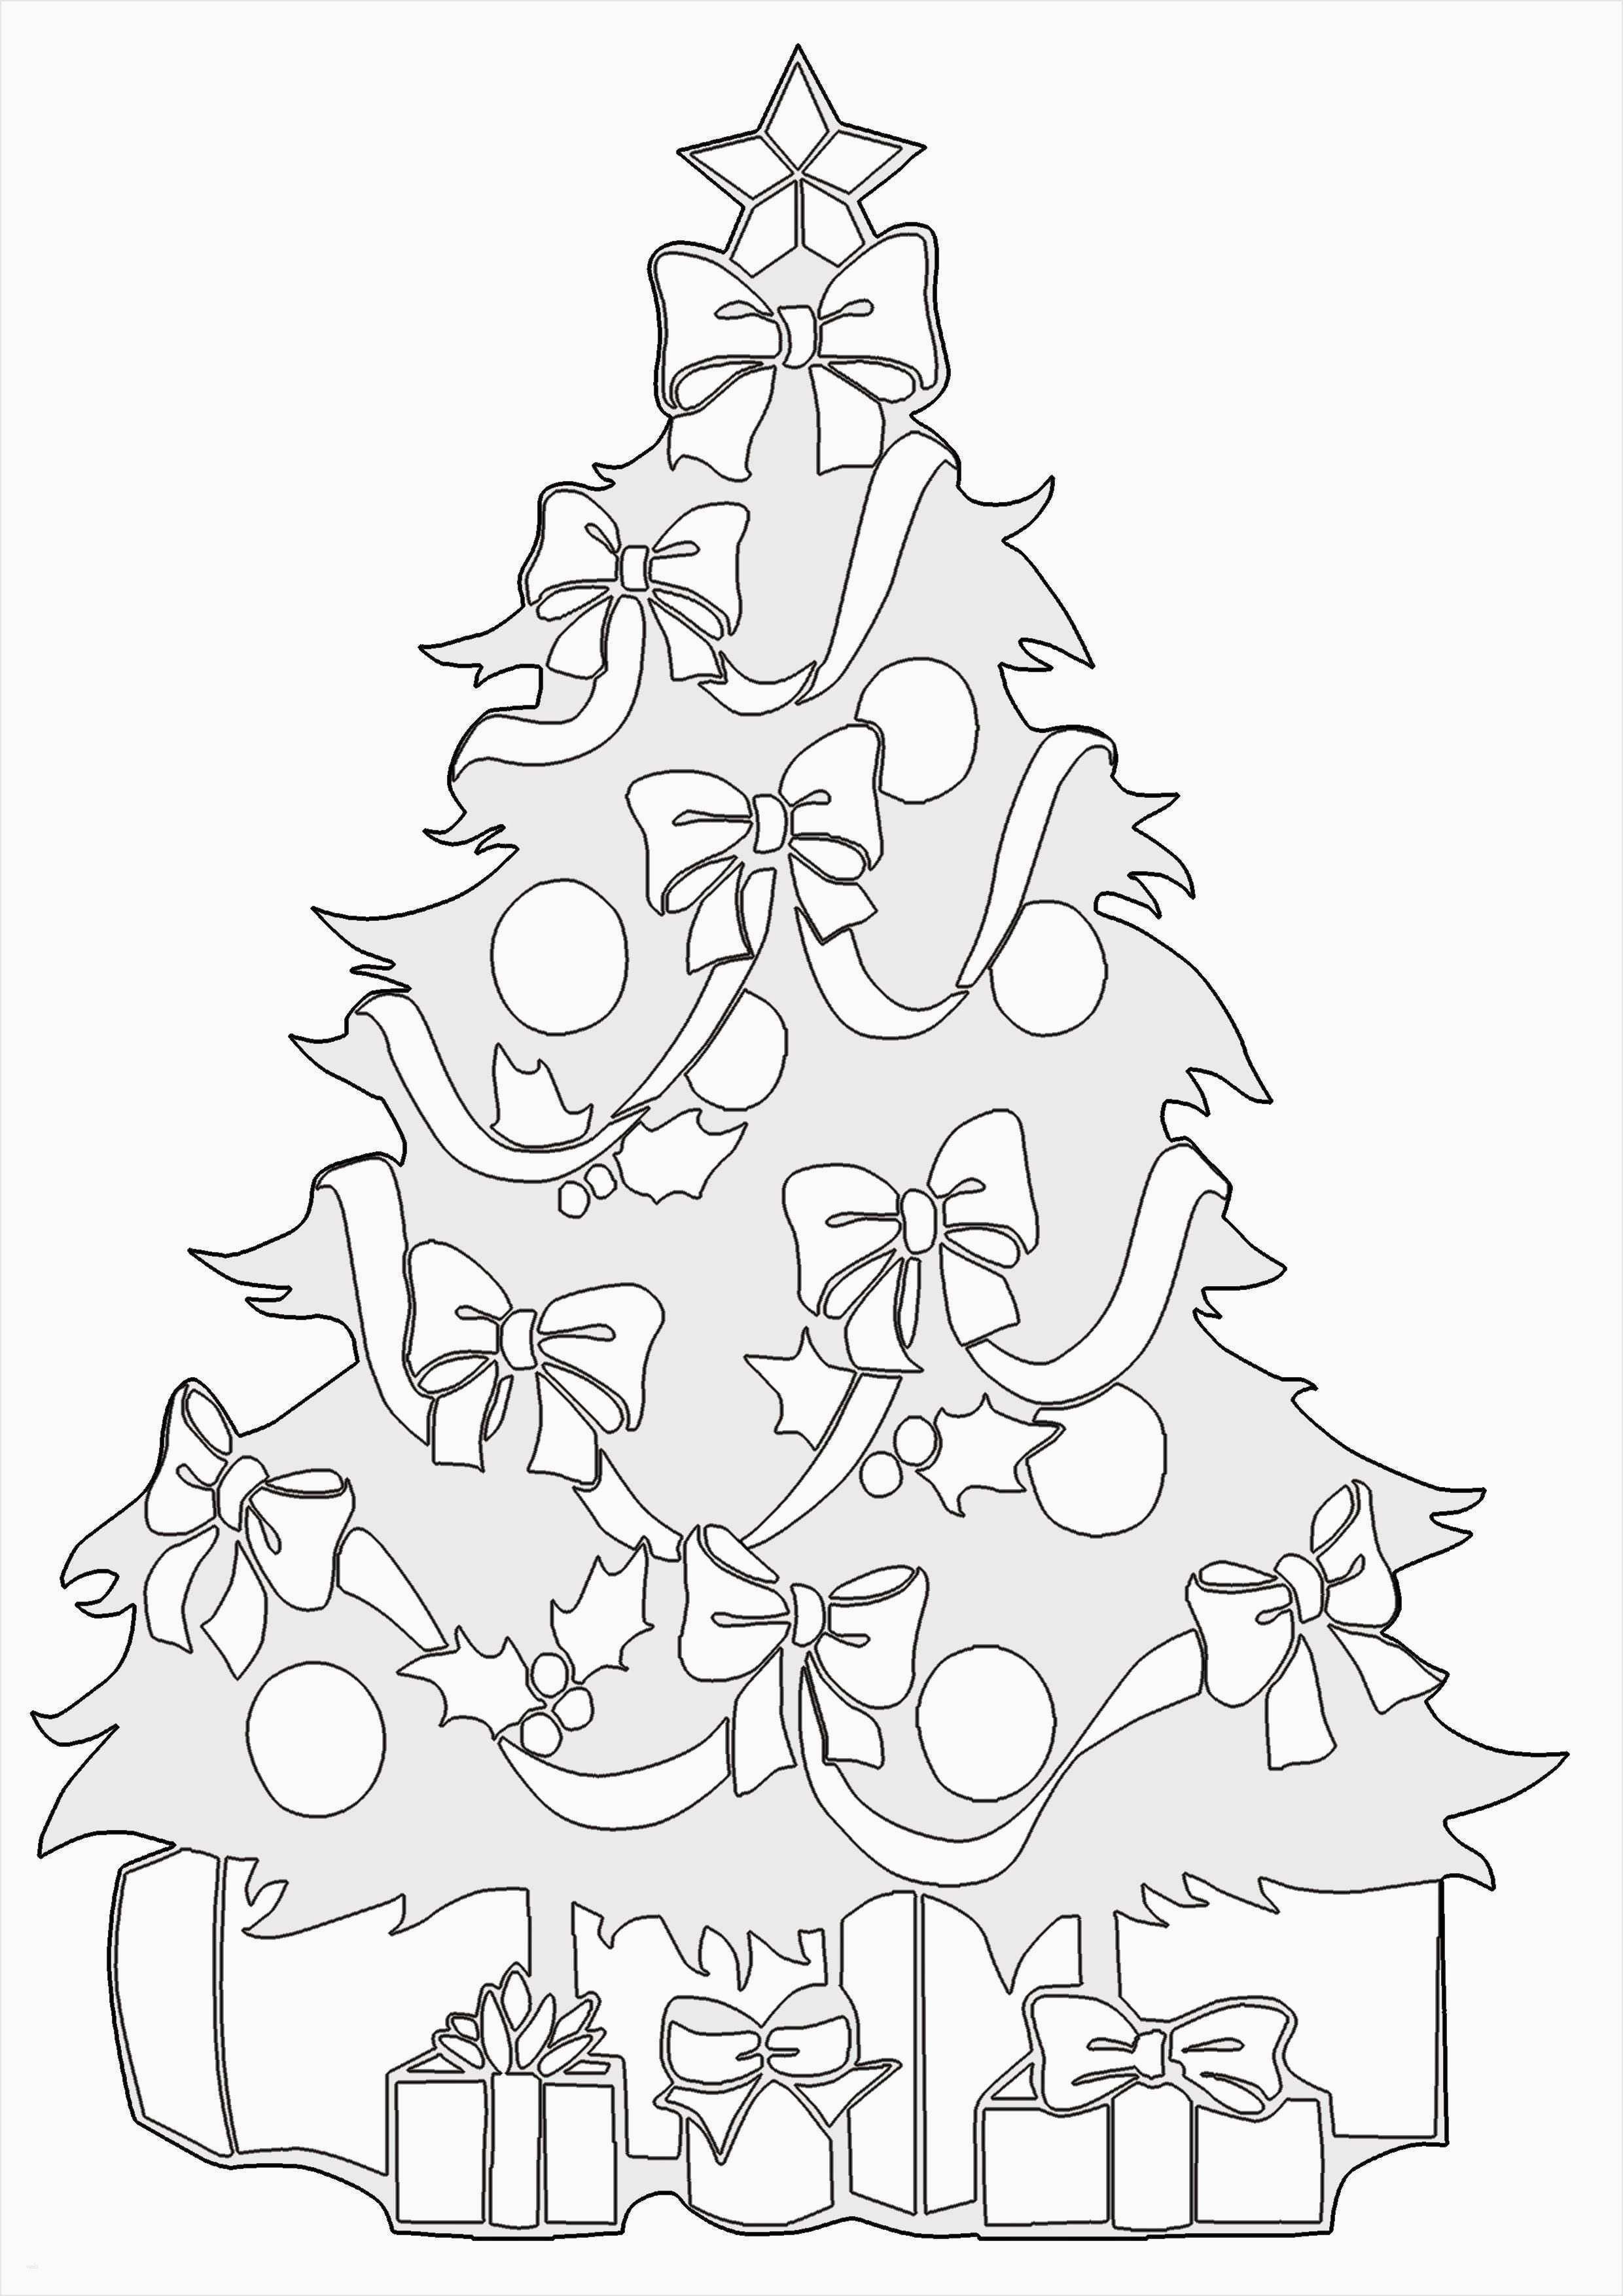 Ausmalbilder Weihnachten Tannenbaum Inspirierend Weihnachtsbaum Vorlage Zum Ausdrucken Erstaunlich Tannenbaum Sammlung